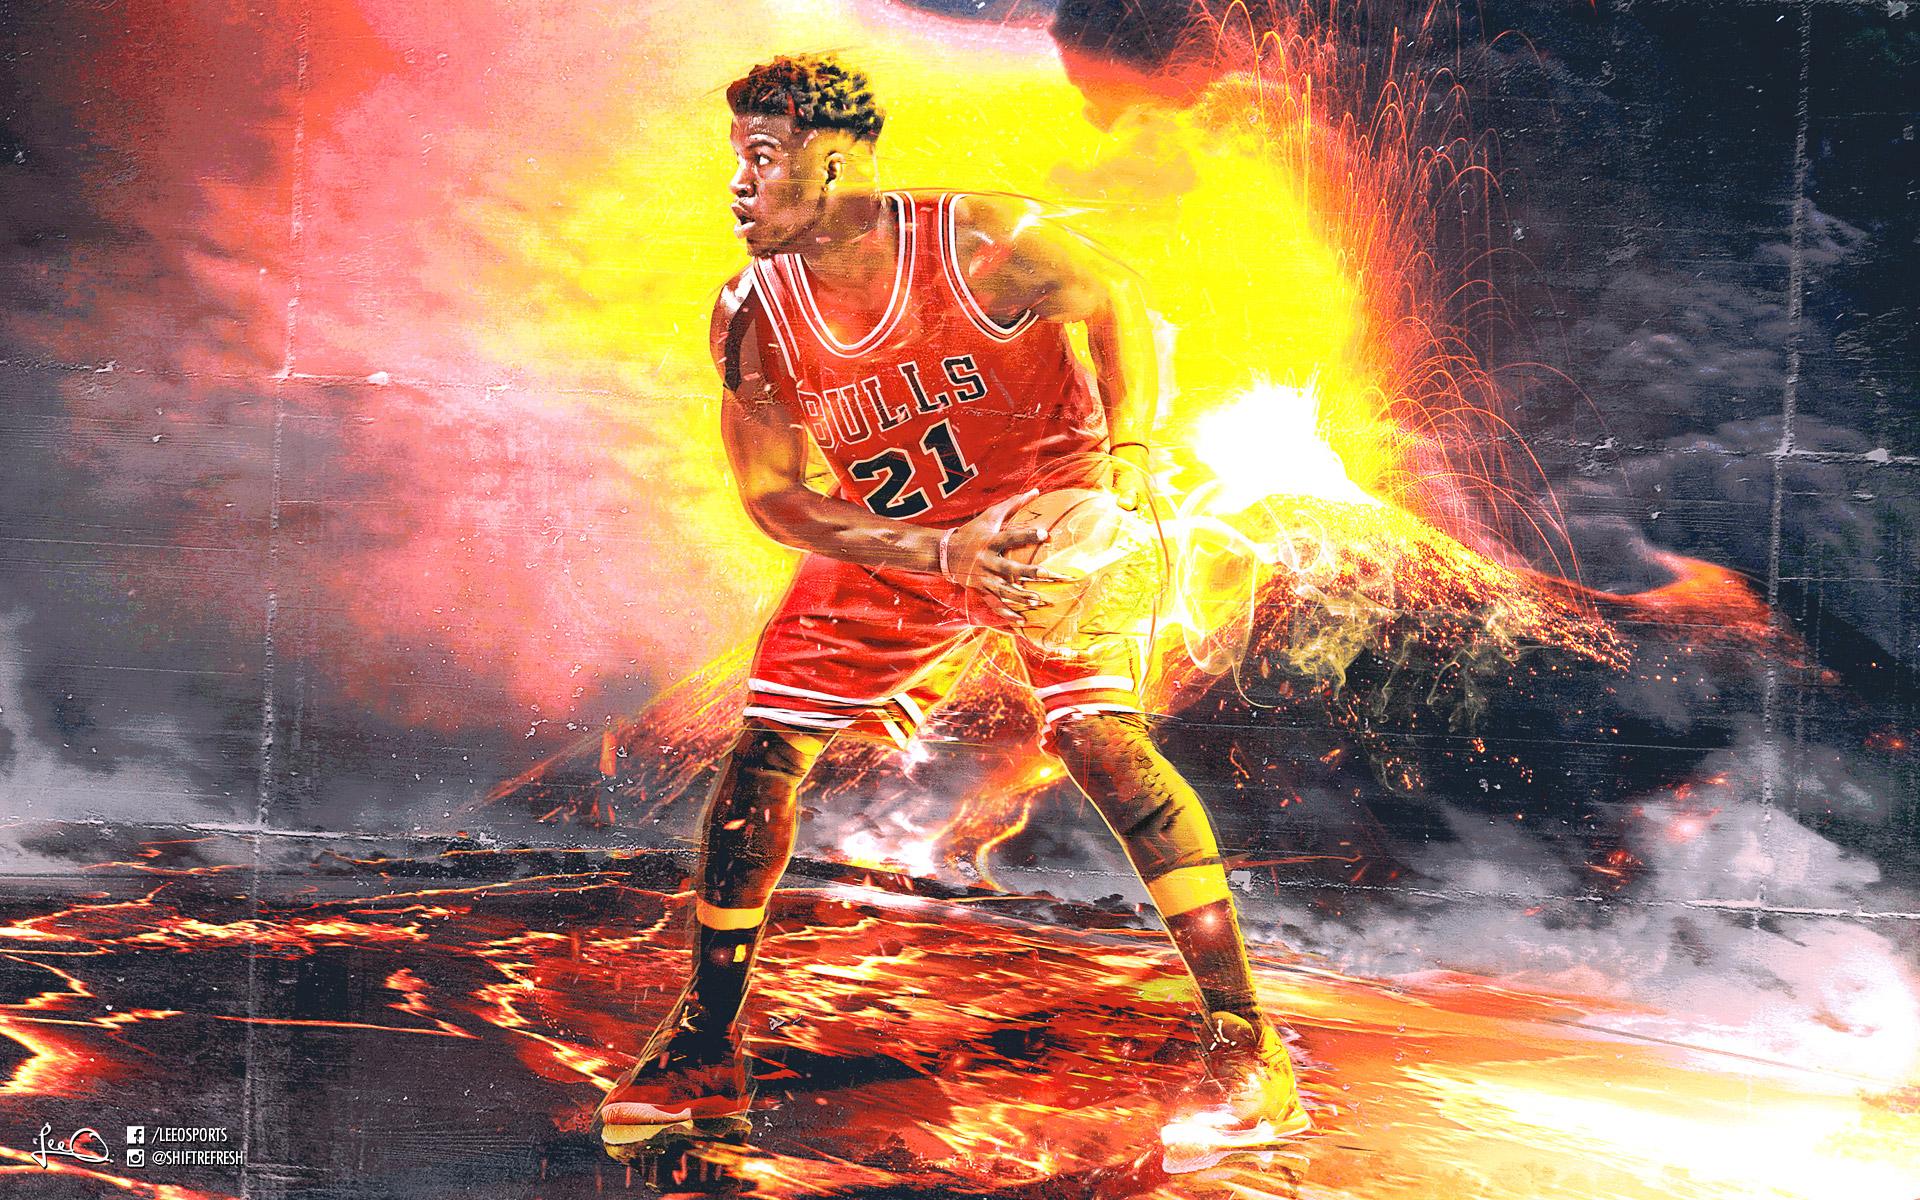 Bulls 2016 Wallpaper Basketball Wallpapers at BasketWallpaperscom 1920x1200